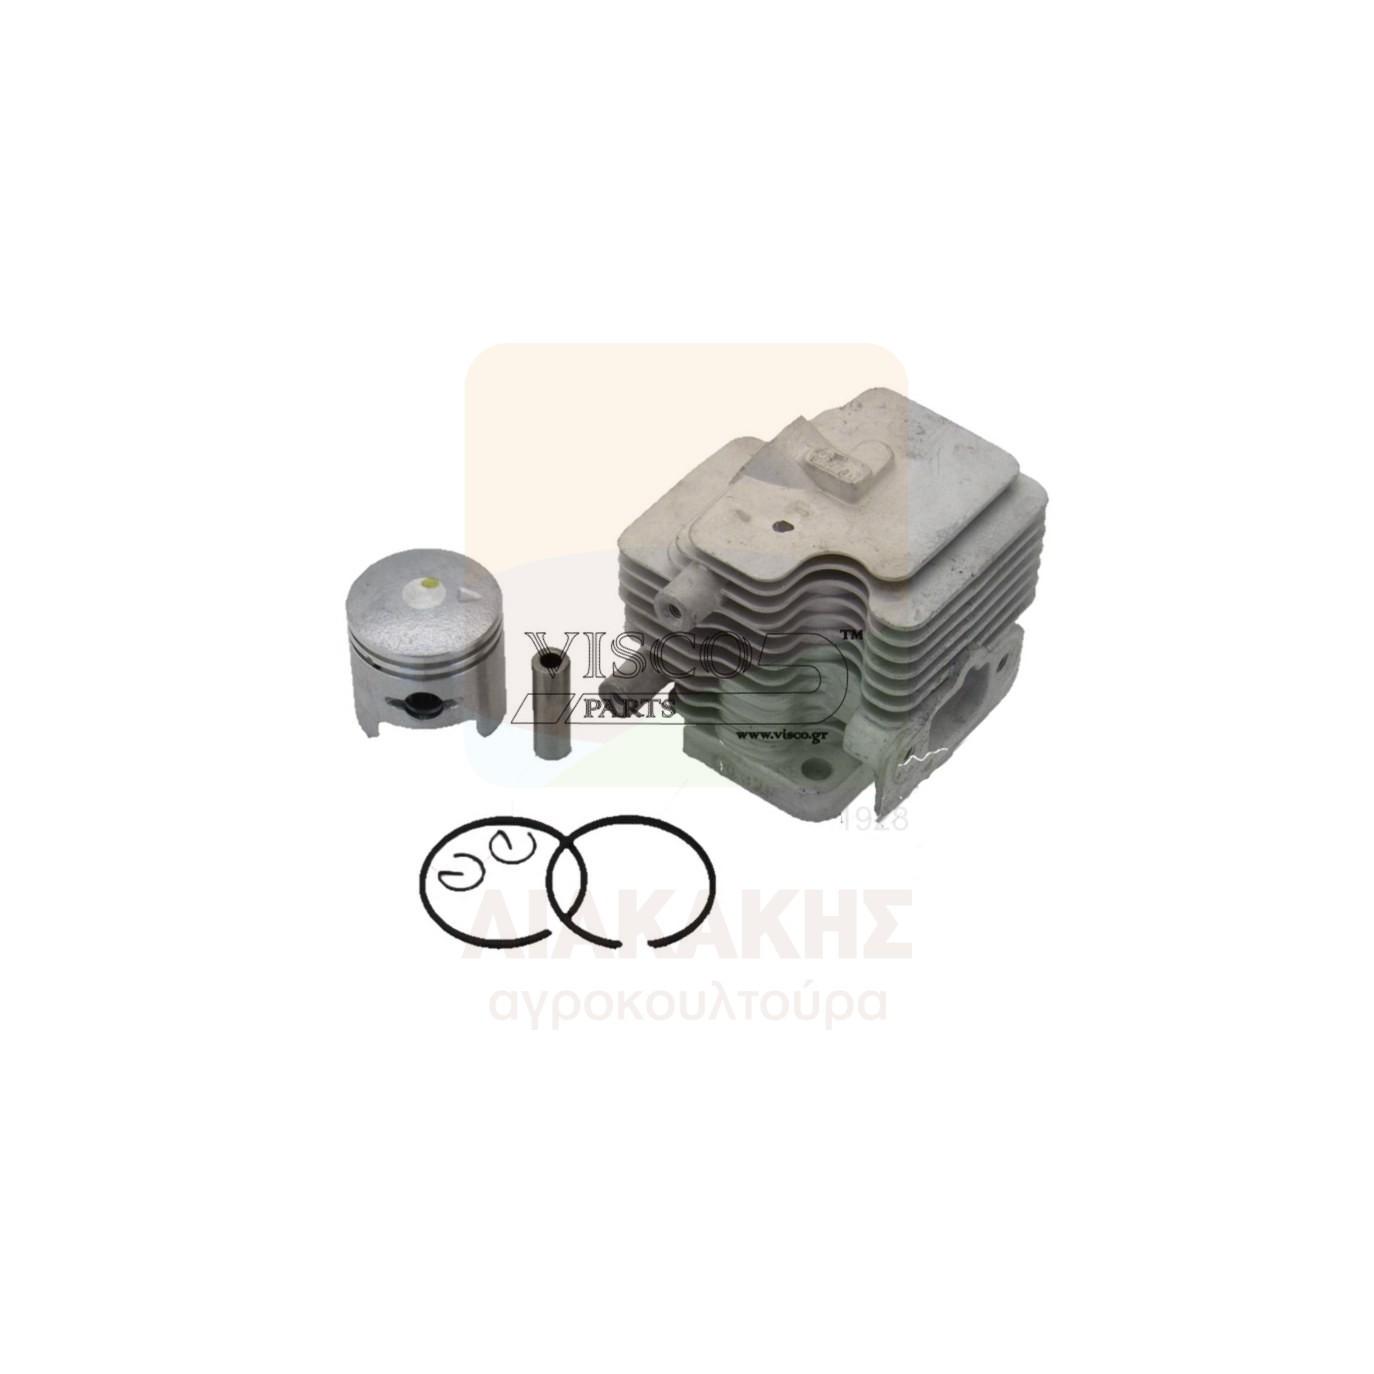 ΚΥΠ-88 Κυλινδροπίστονο ΖΕΝΟΑΗ ΗΤ 2300 (32MM)